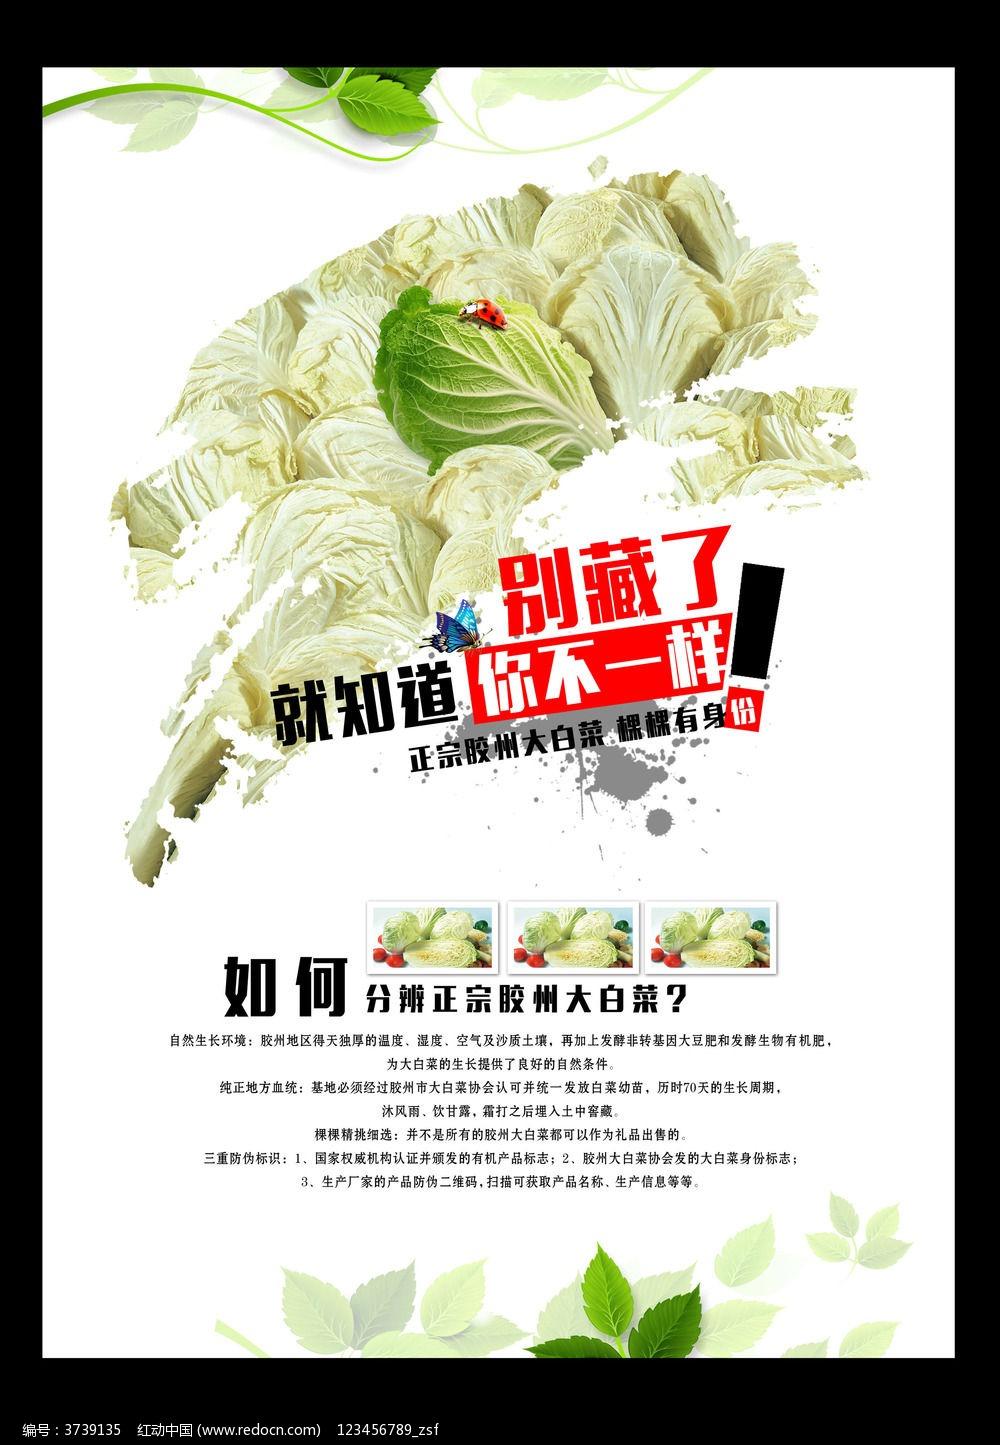 蔬菜海报设计_海报设计/宣传单/广告牌图片素材